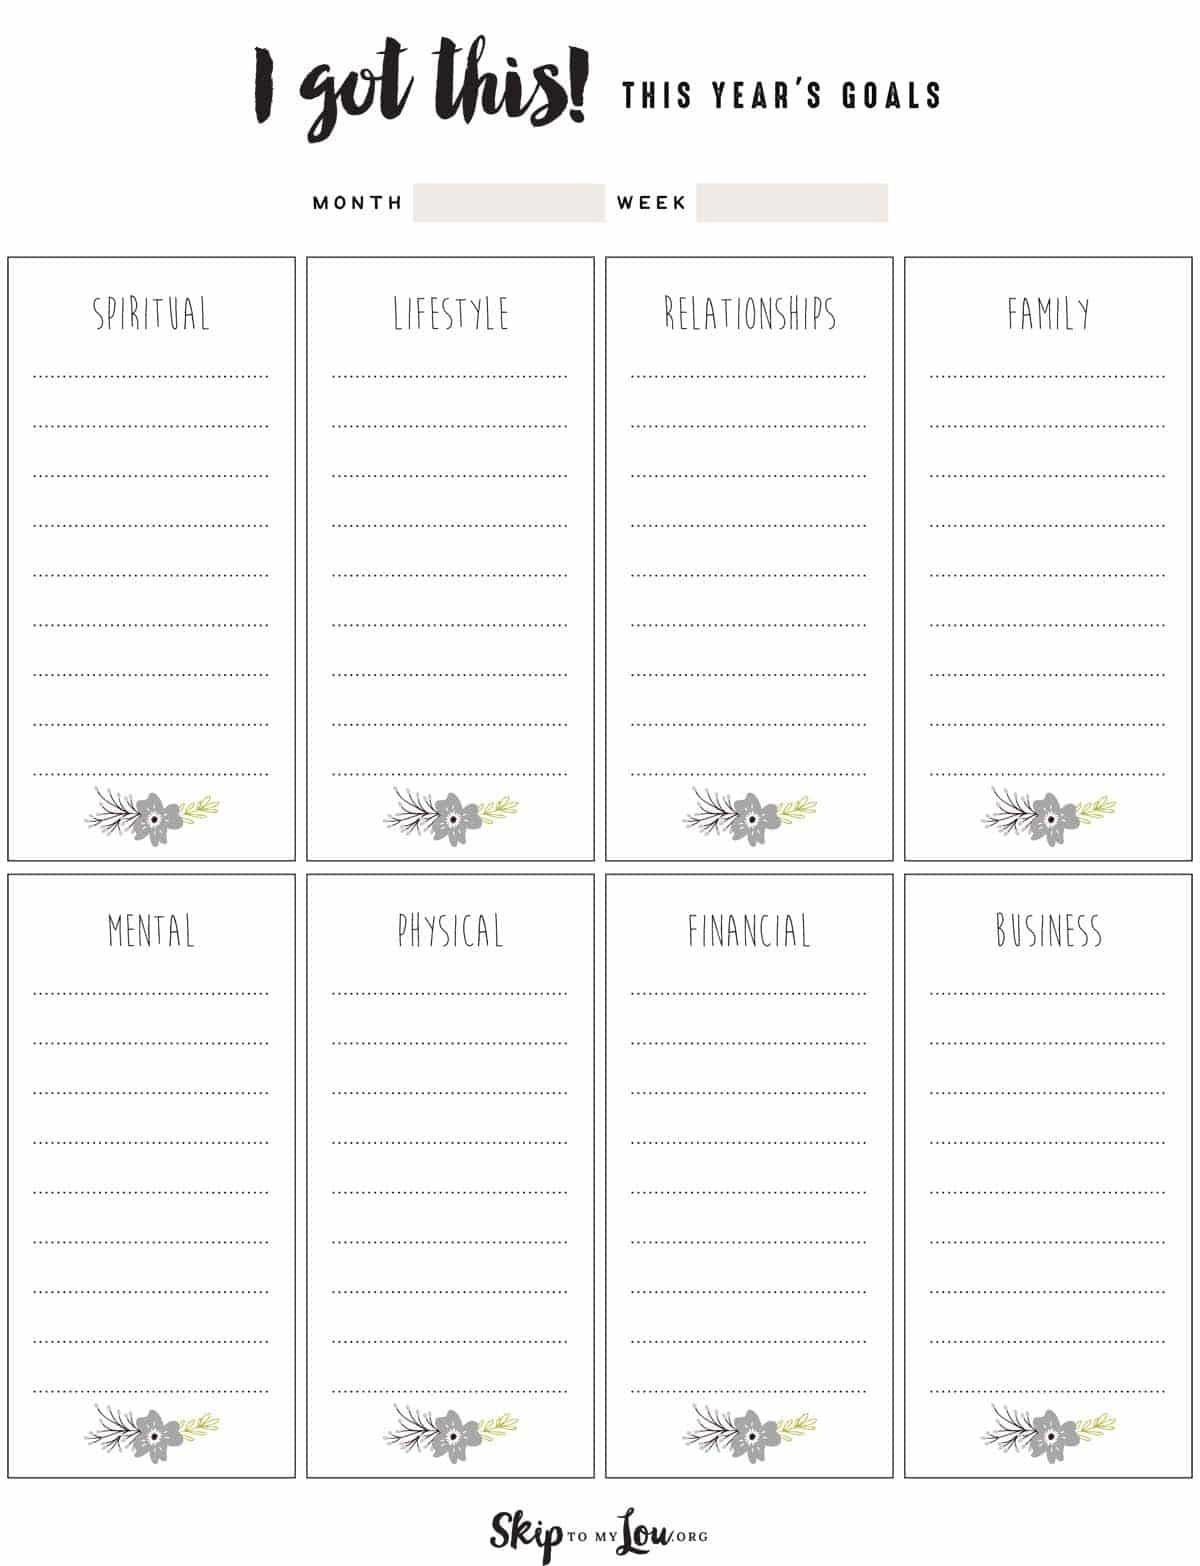 Free Goal Setting Worksheets   Skip To My Lou - Free Printable Goal Setting Worksheets For Students